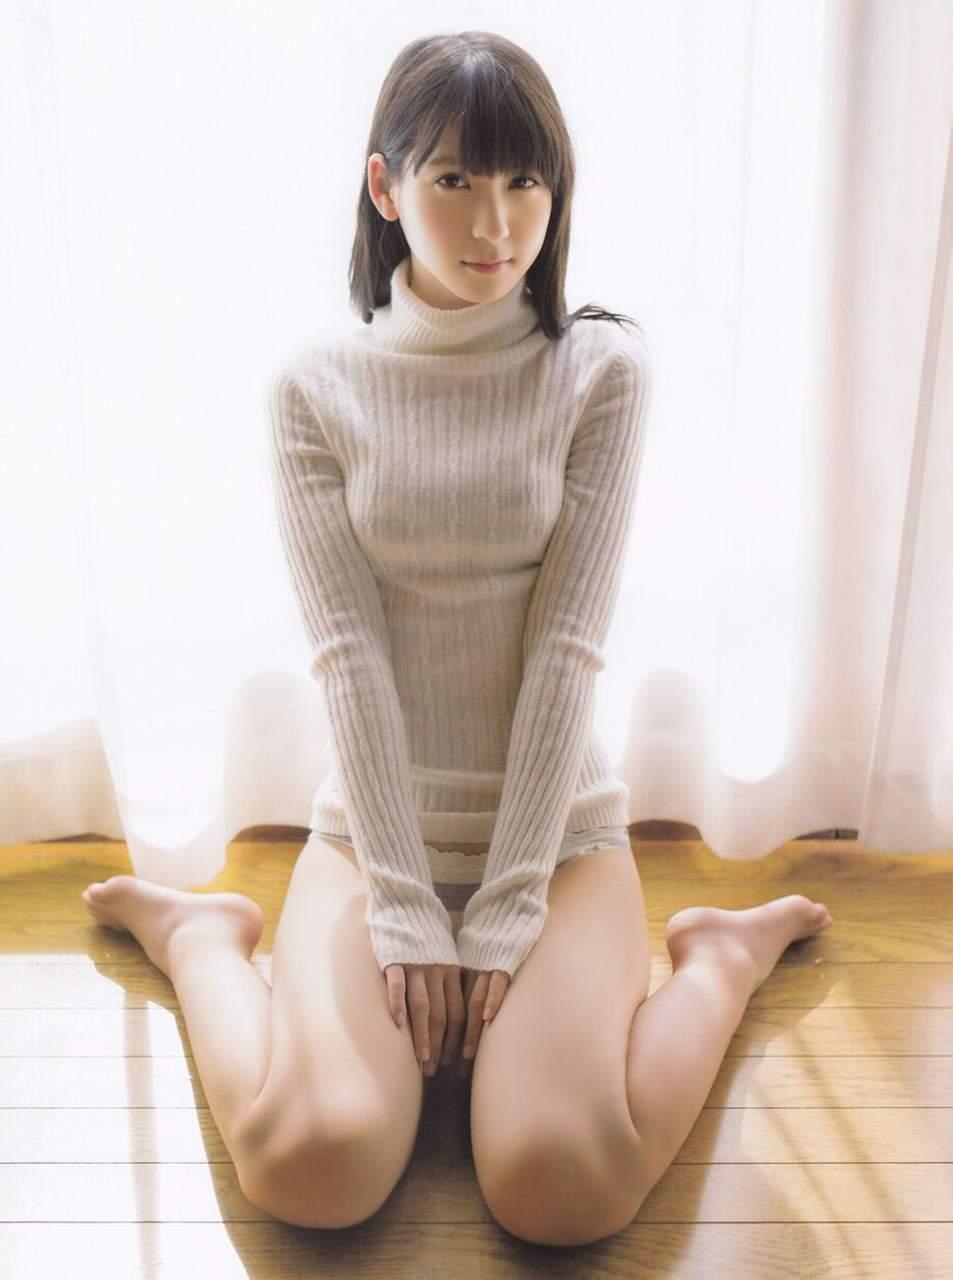 女の子座り エロ画像40枚!こんな姿でお出迎えされたらSEX不可避www